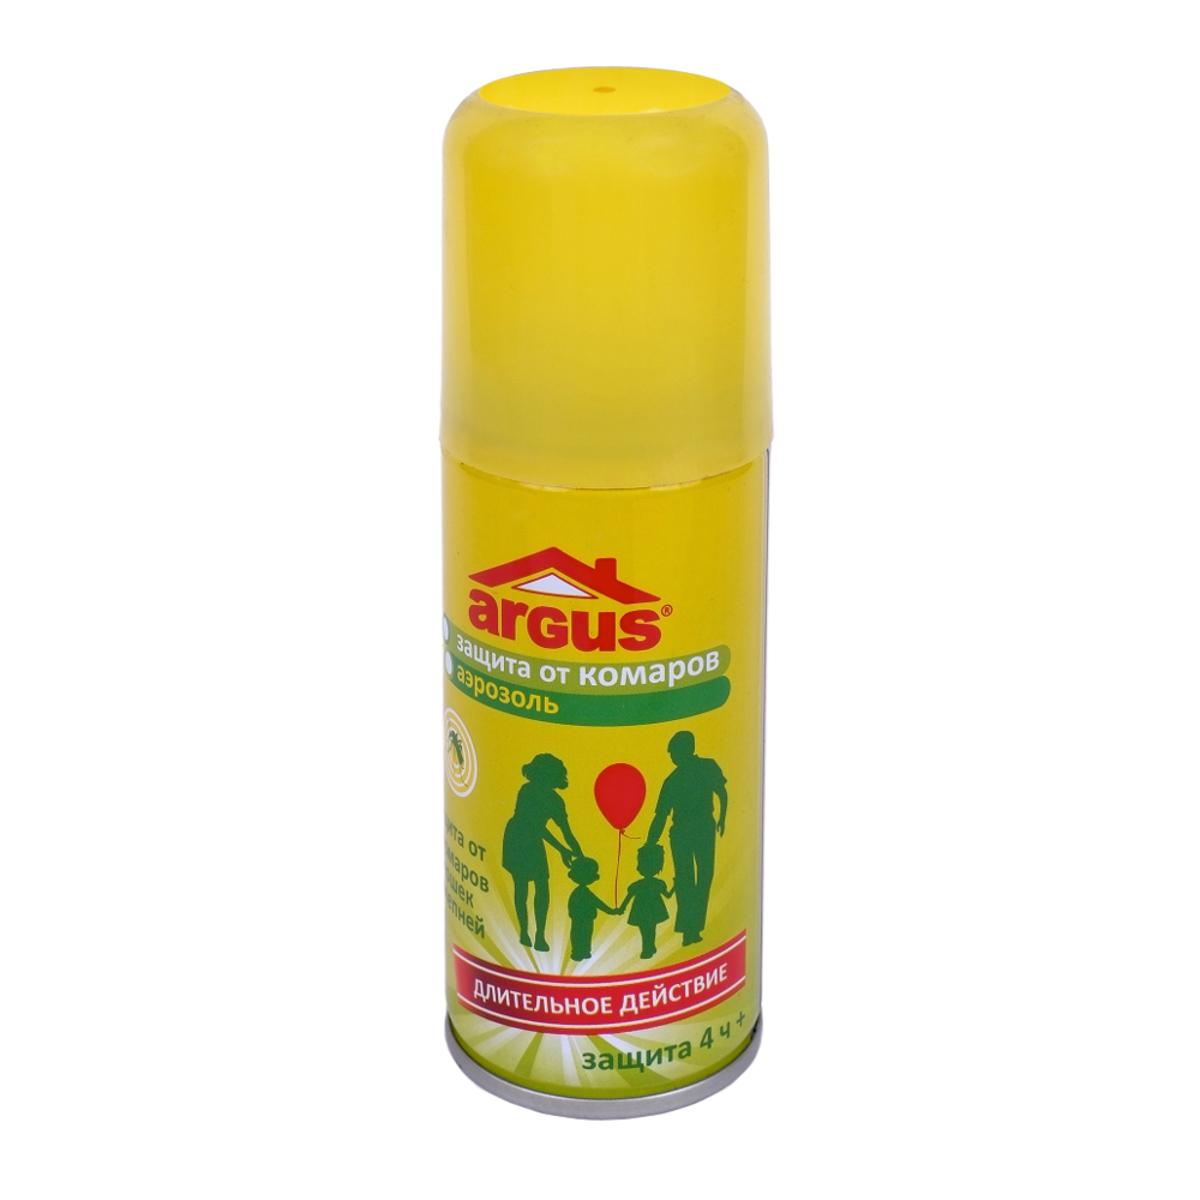 Аэрозоль против насекомых Argus, 100 млСЗ.010021Аэрозоль Argus предназначен для защиты людей от кровососущих насекомых (комаров, мошек, слепней, мокрецов, москитов, блох) при нанесении на открытые части тела и на одежду. Класс эффективности - высший. Время защитного действия при нанесении на кожу составляет более 4 часов даже при высокой численности насекомых, при нанесениии на одежду и изделия из ткани - до 20 суток. Состав: N,N-диэтилтолуамид 18%, пропиленгликоль, отдушка, углеводородный пропеллент, спирт изопропиловый. Не содержит озоноразрушающих хладонов.